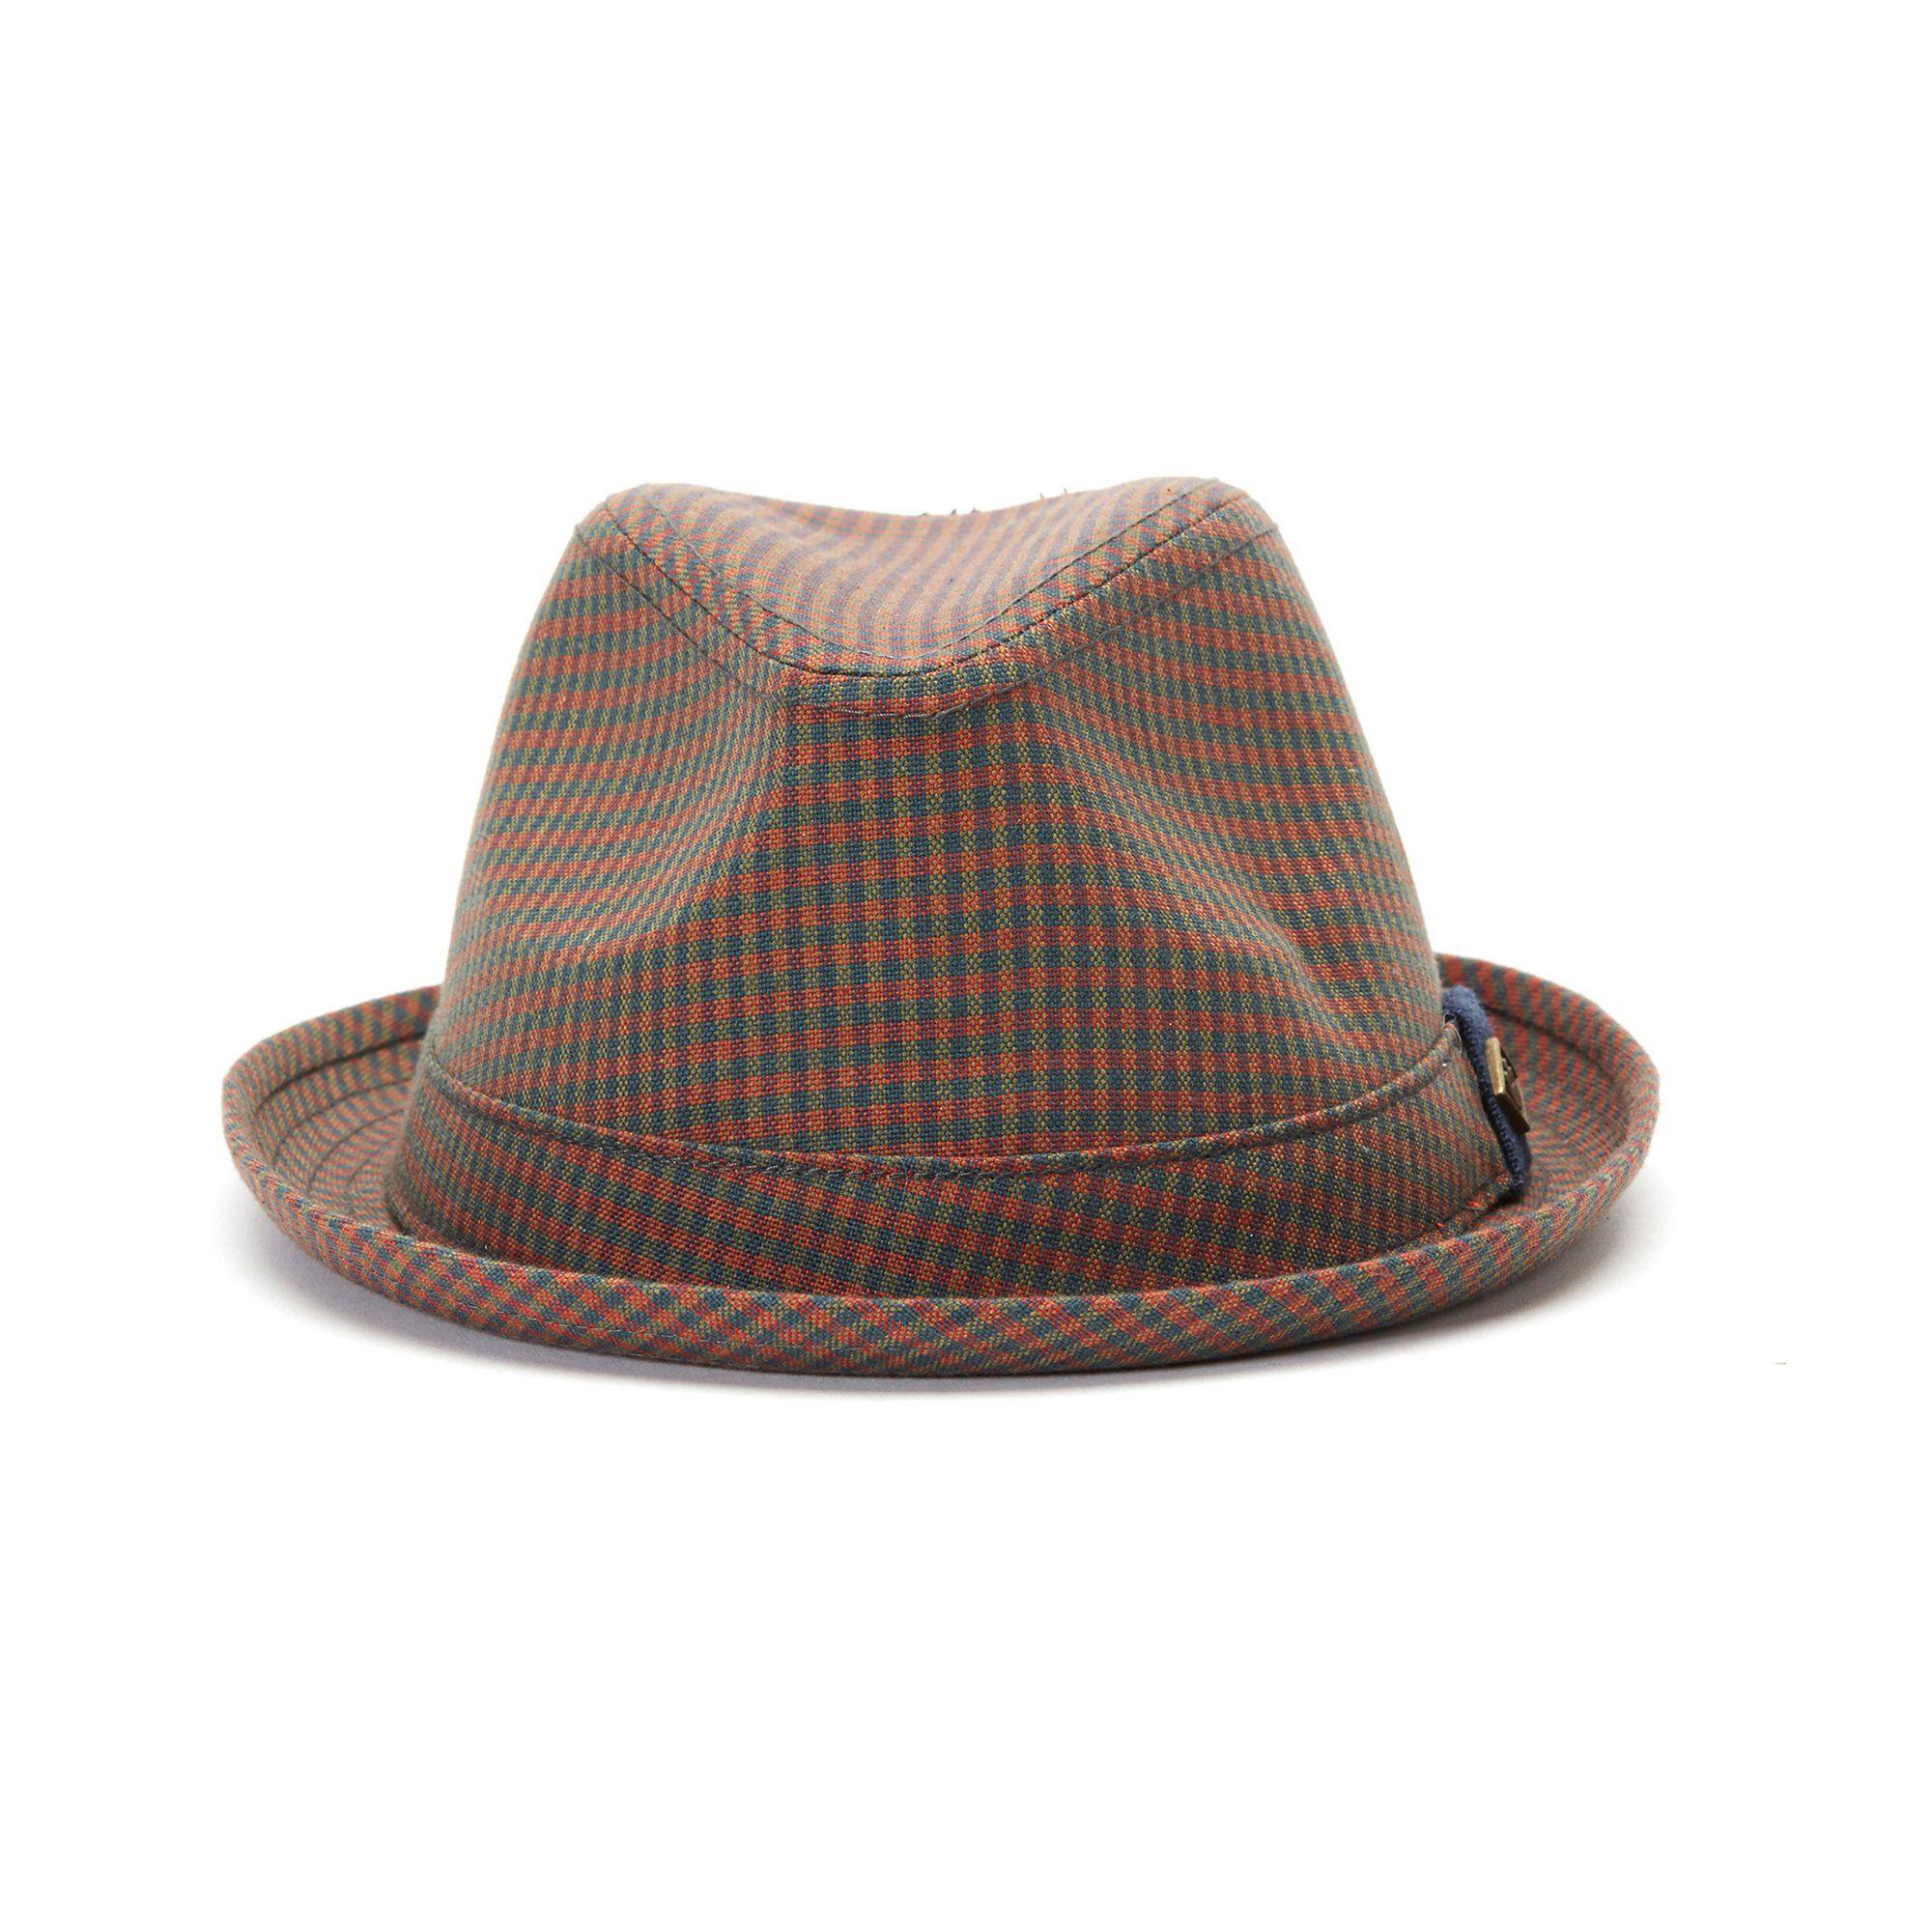 Goorin Baller Fedora Hat in Red, size Medium